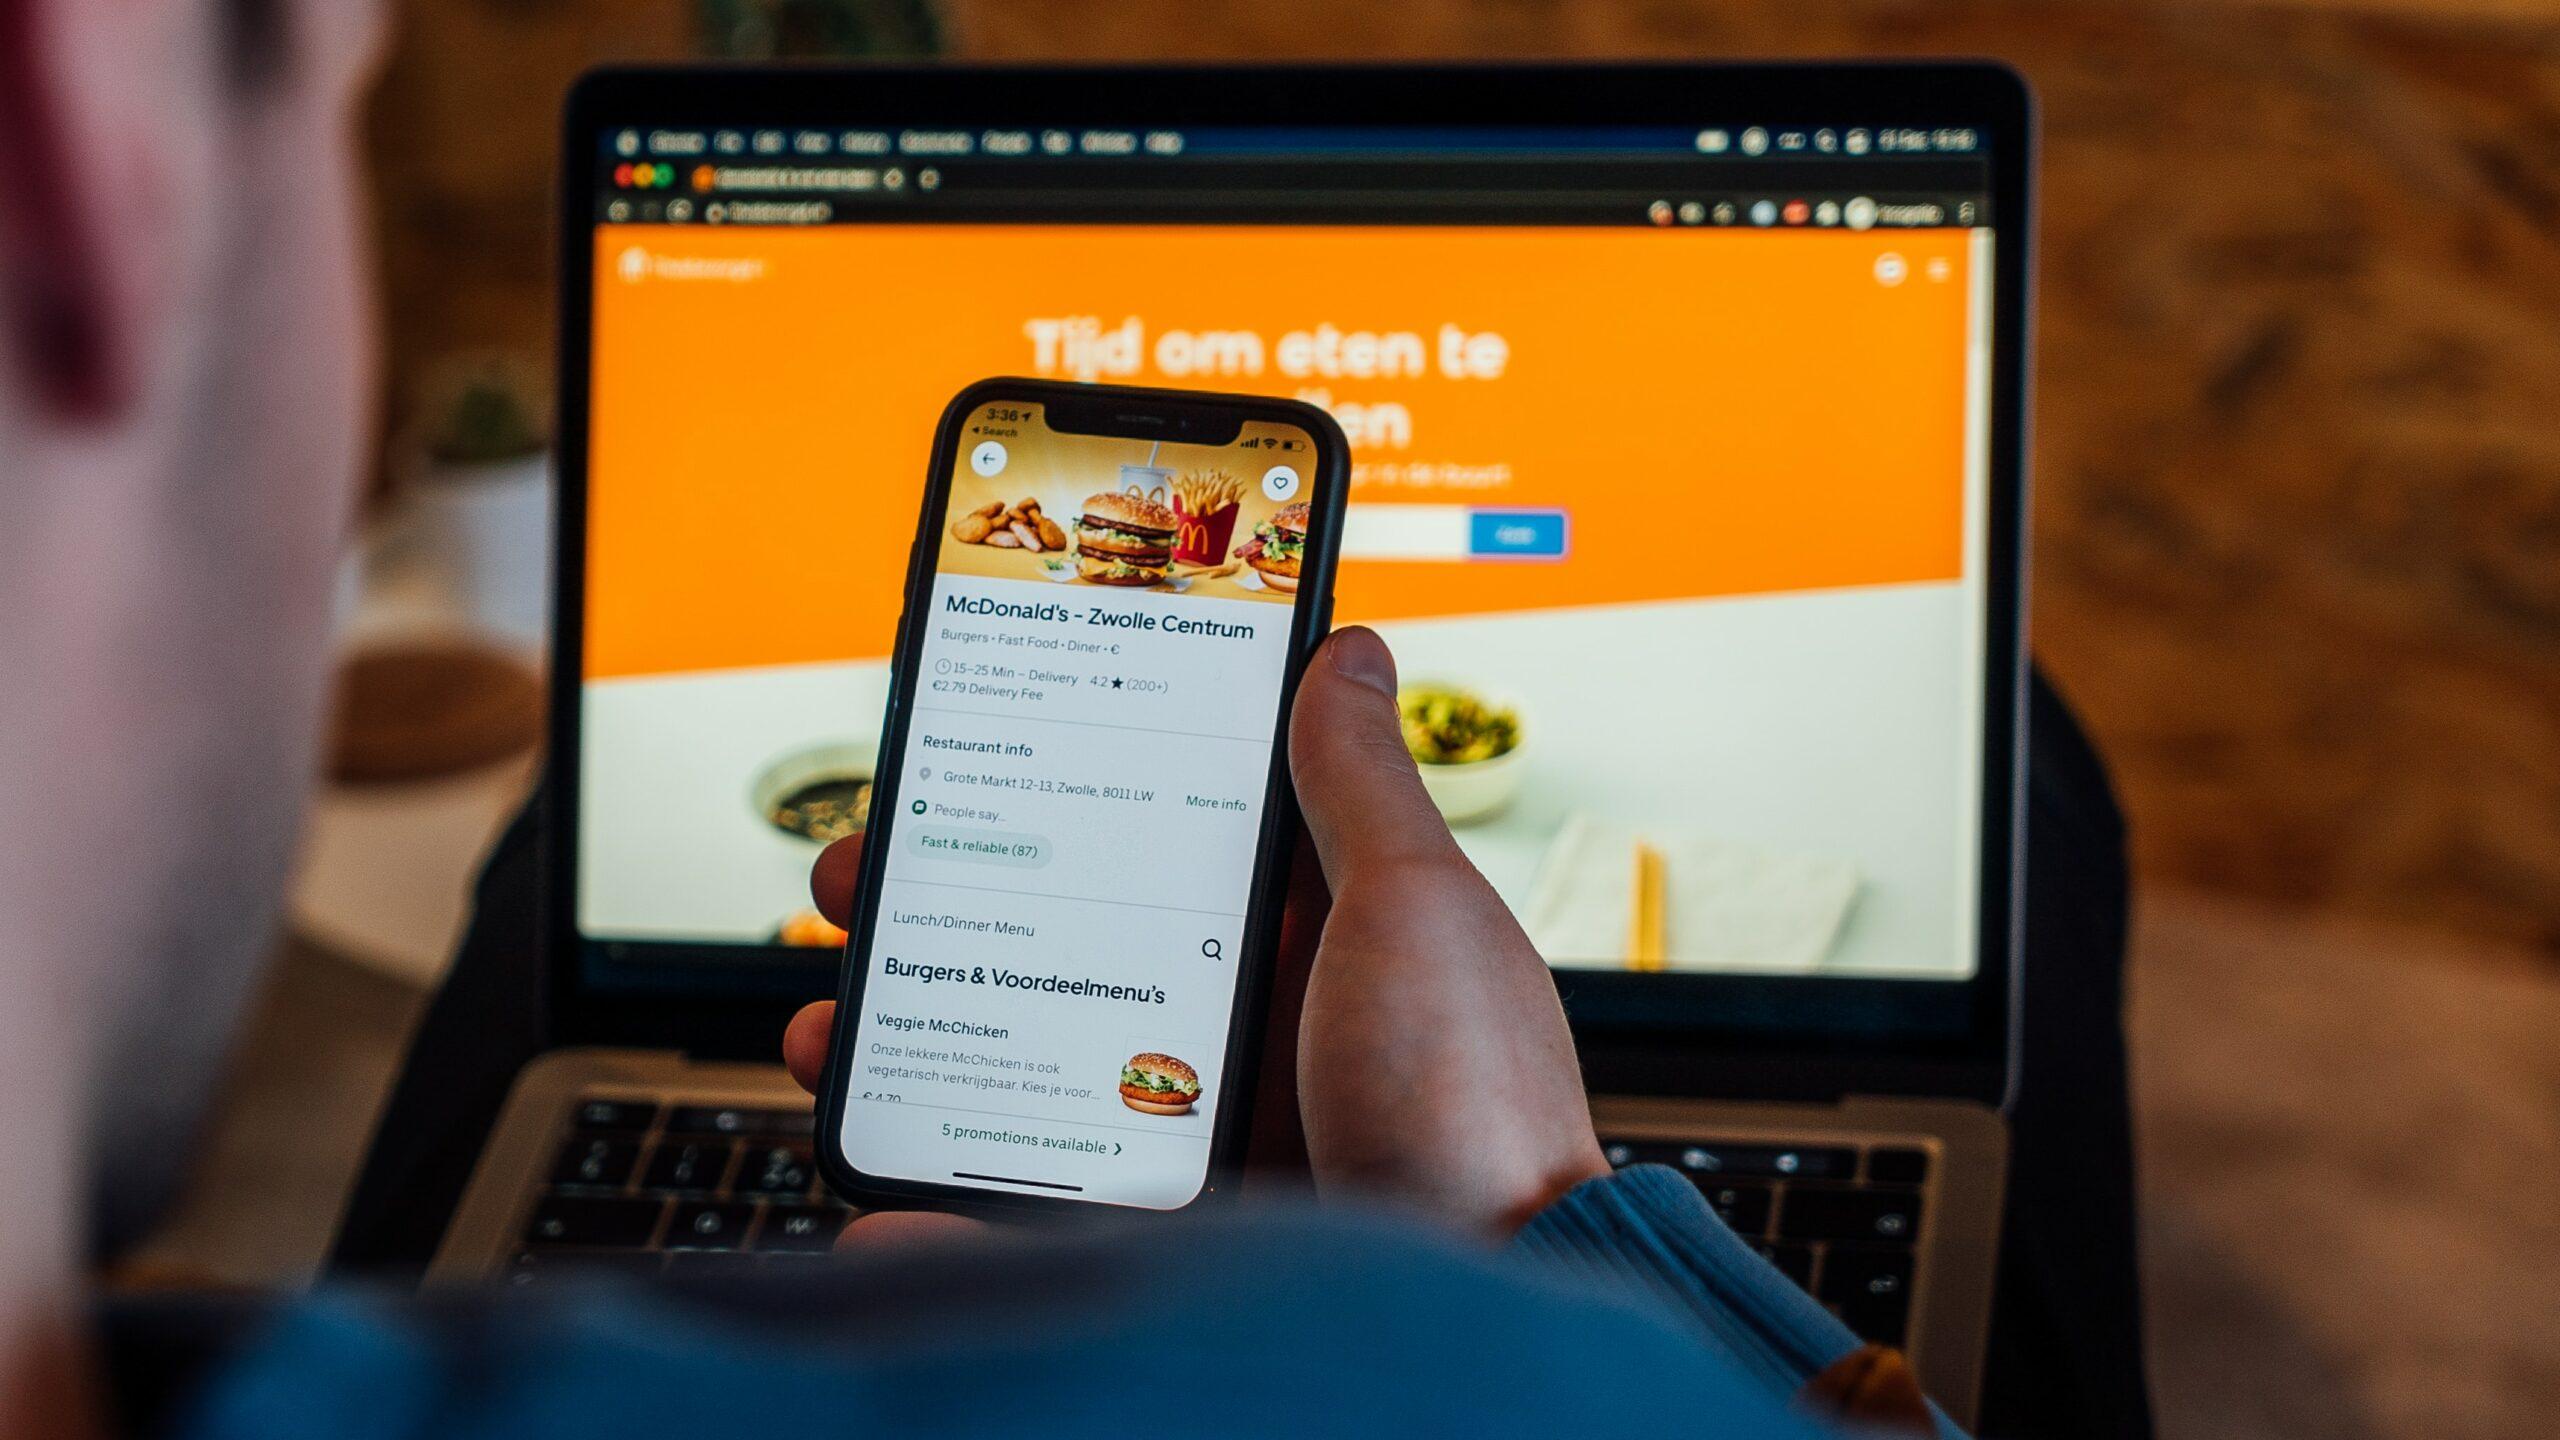 ordering food via smart phone